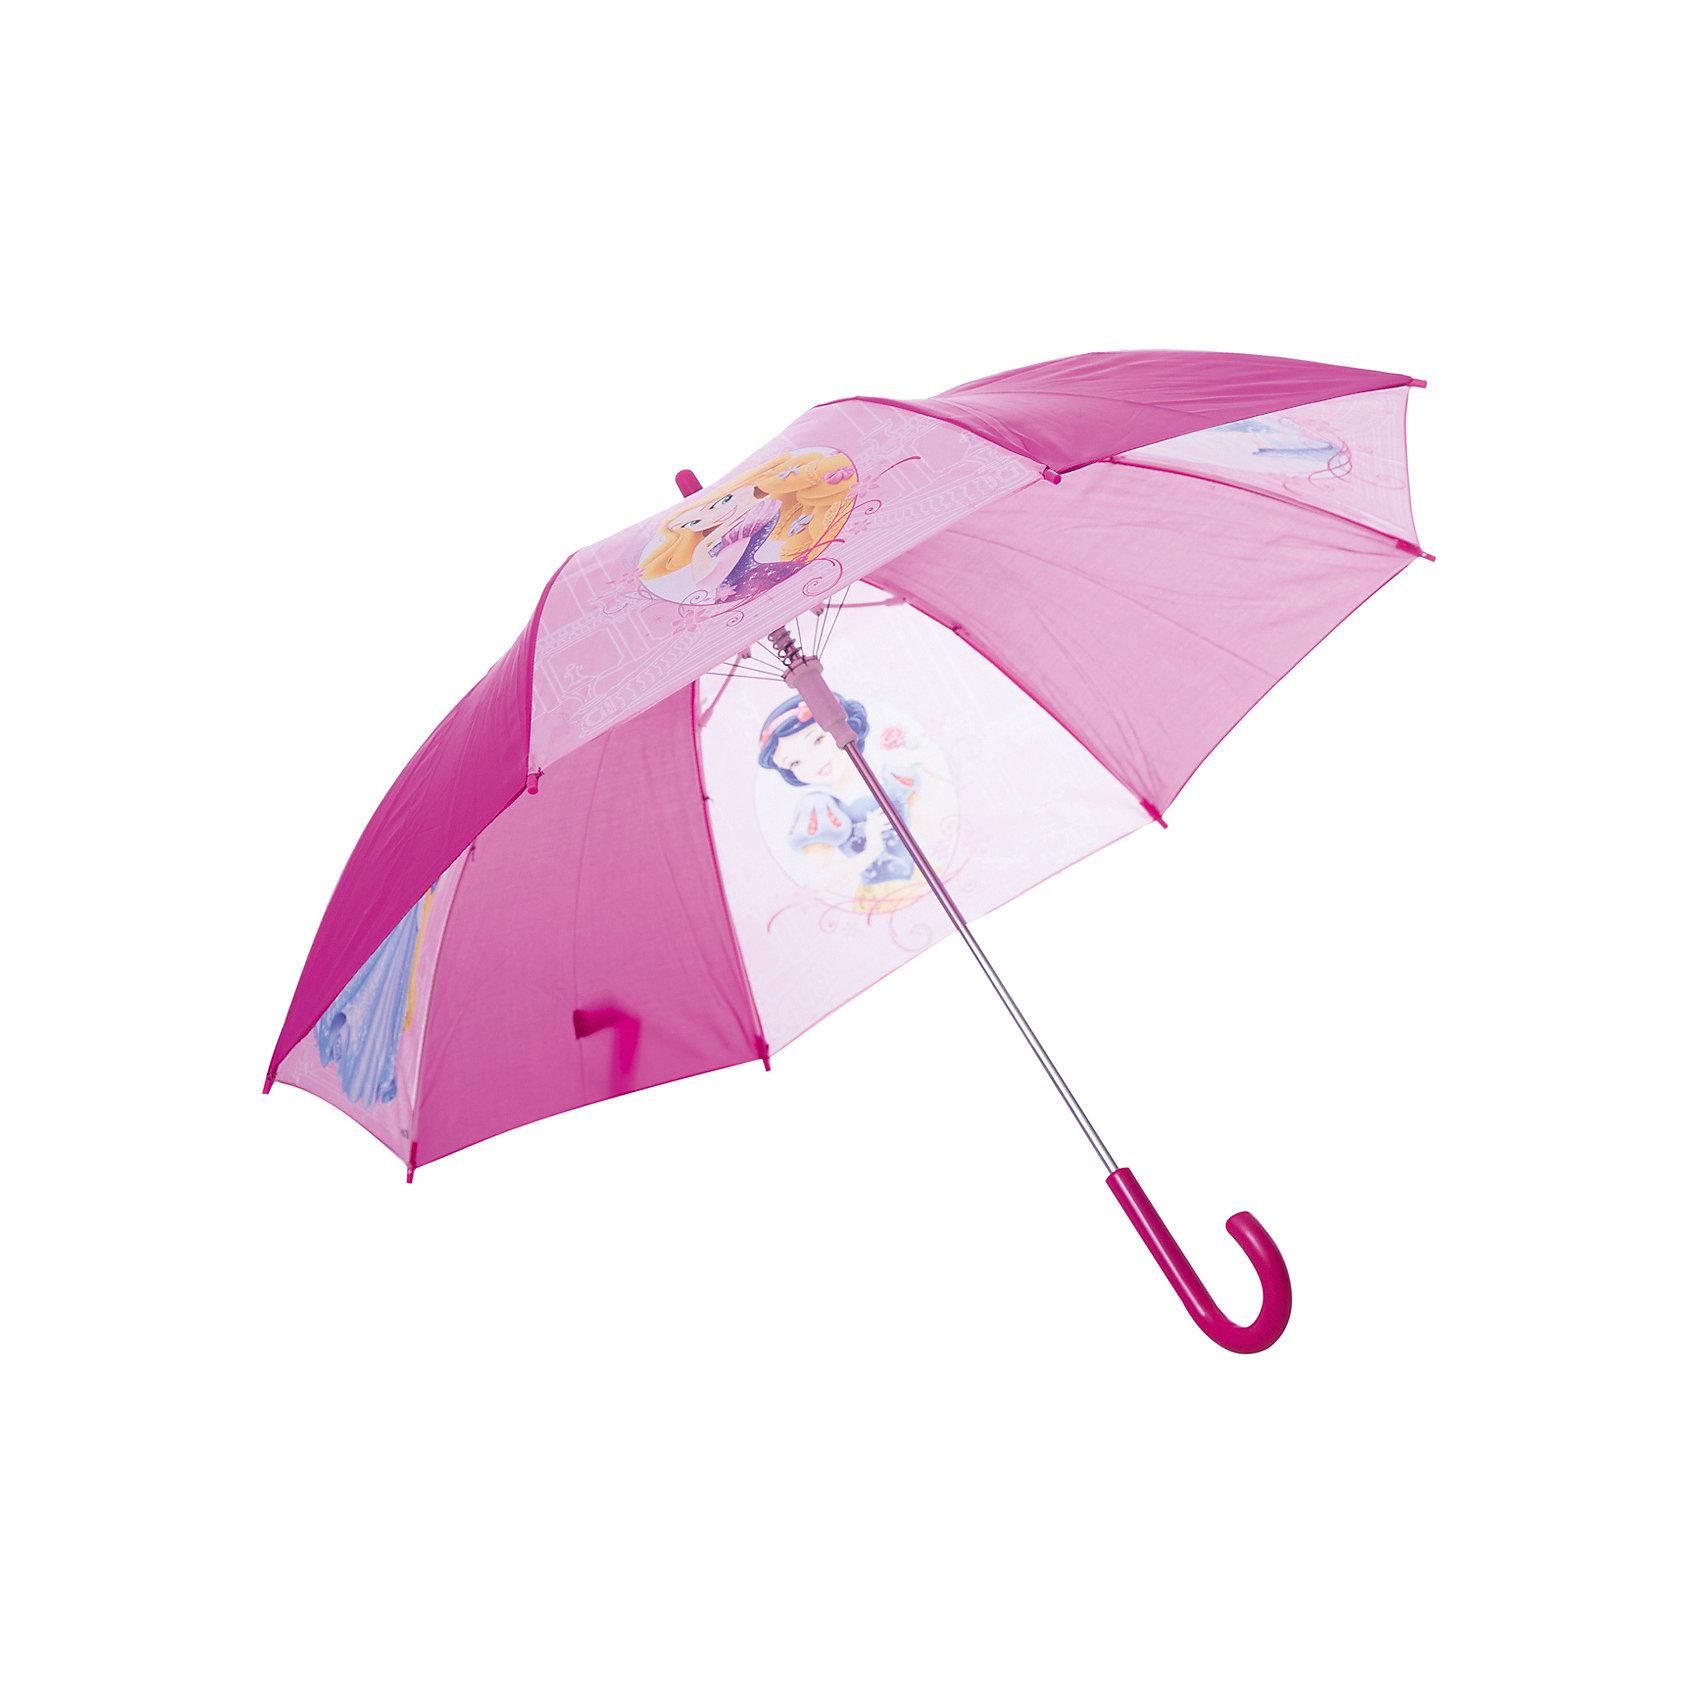 Зонт-трость 46 см, автоматический, фиолетовый, Disney PrincessЗонты детские<br>Компактный детский зонтик-трость станет замечательным подарком для Вашего чада и защитит его не только от дождя, но и от солнца. Красочный дизайн зонтика поднимет настроение и станет незаменимым атрибутом прогулки. Ребенок сможет сам открывать и закрывать зонтик, благодаря легкому механизму, а оригинальная расцветка зонтика привлечет к себе внимание. Тип механизма: автоматический (открывается автом/закрывается вручную). Конструкция зонта: зонт-трость. Материал: пластик, полиэстер, металл.<br>Диаметр купола: 82 см<br><br>Ширина мм: 85<br>Глубина мм: 50<br>Высота мм: 650<br>Вес г: 240<br>Возраст от месяцев: 36<br>Возраст до месяцев: 36<br>Пол: Женский<br>Возраст: Детский<br>SKU: 5529354